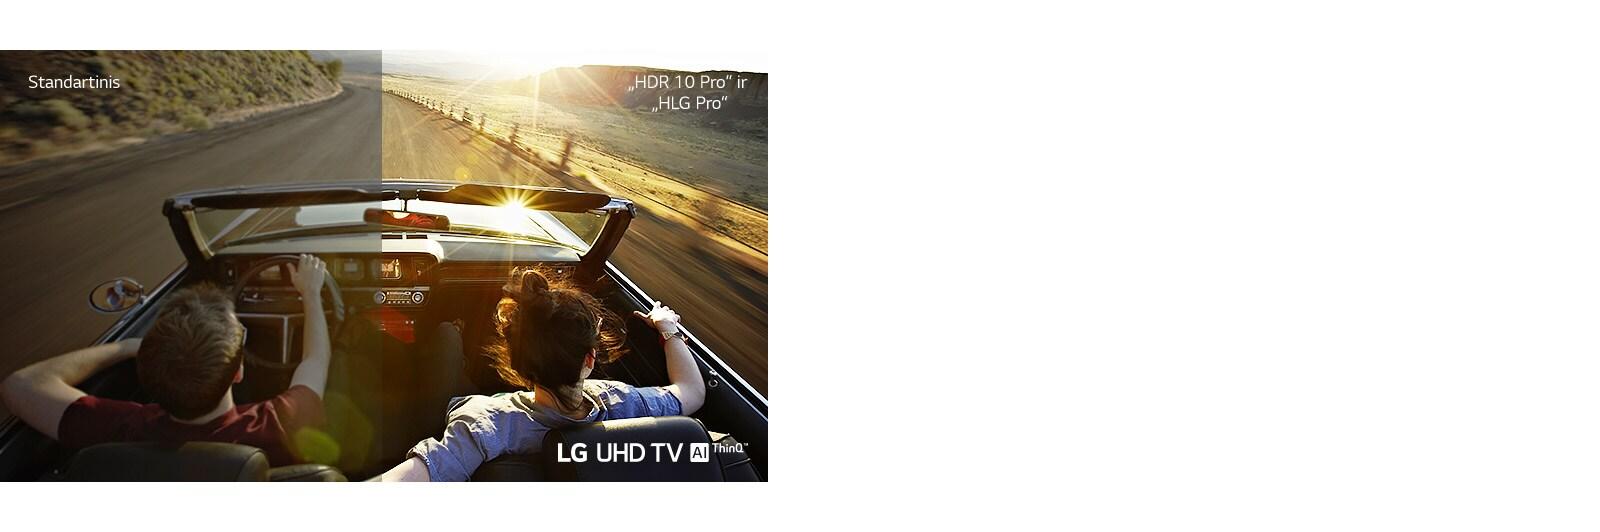 Pora automobilyje važiuoja keliu. Viena pusė yra standartinis ekranas, kuriame vaizdo kokybė yra bloga. Kita pusė yra LG UHD TV, kuriame vaizdas yra detalus ir gyvas.